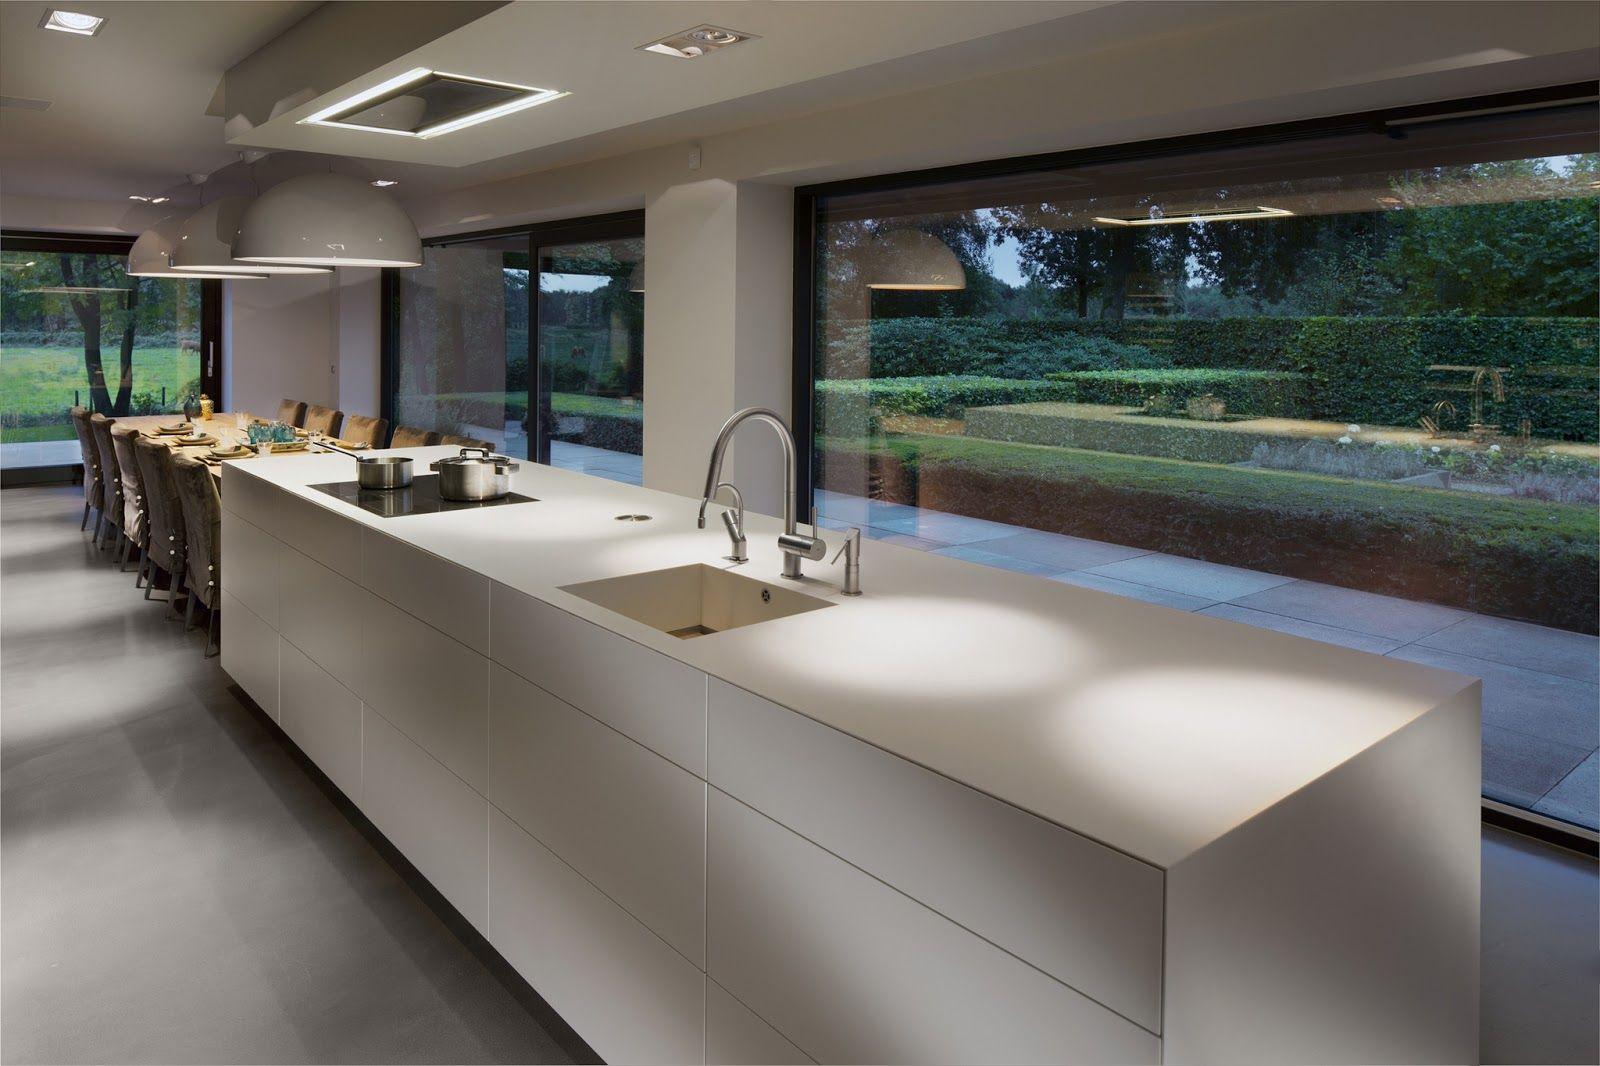 Cuisine design blanche et bois avec lot voici une cuisine for Poignee cuisine design